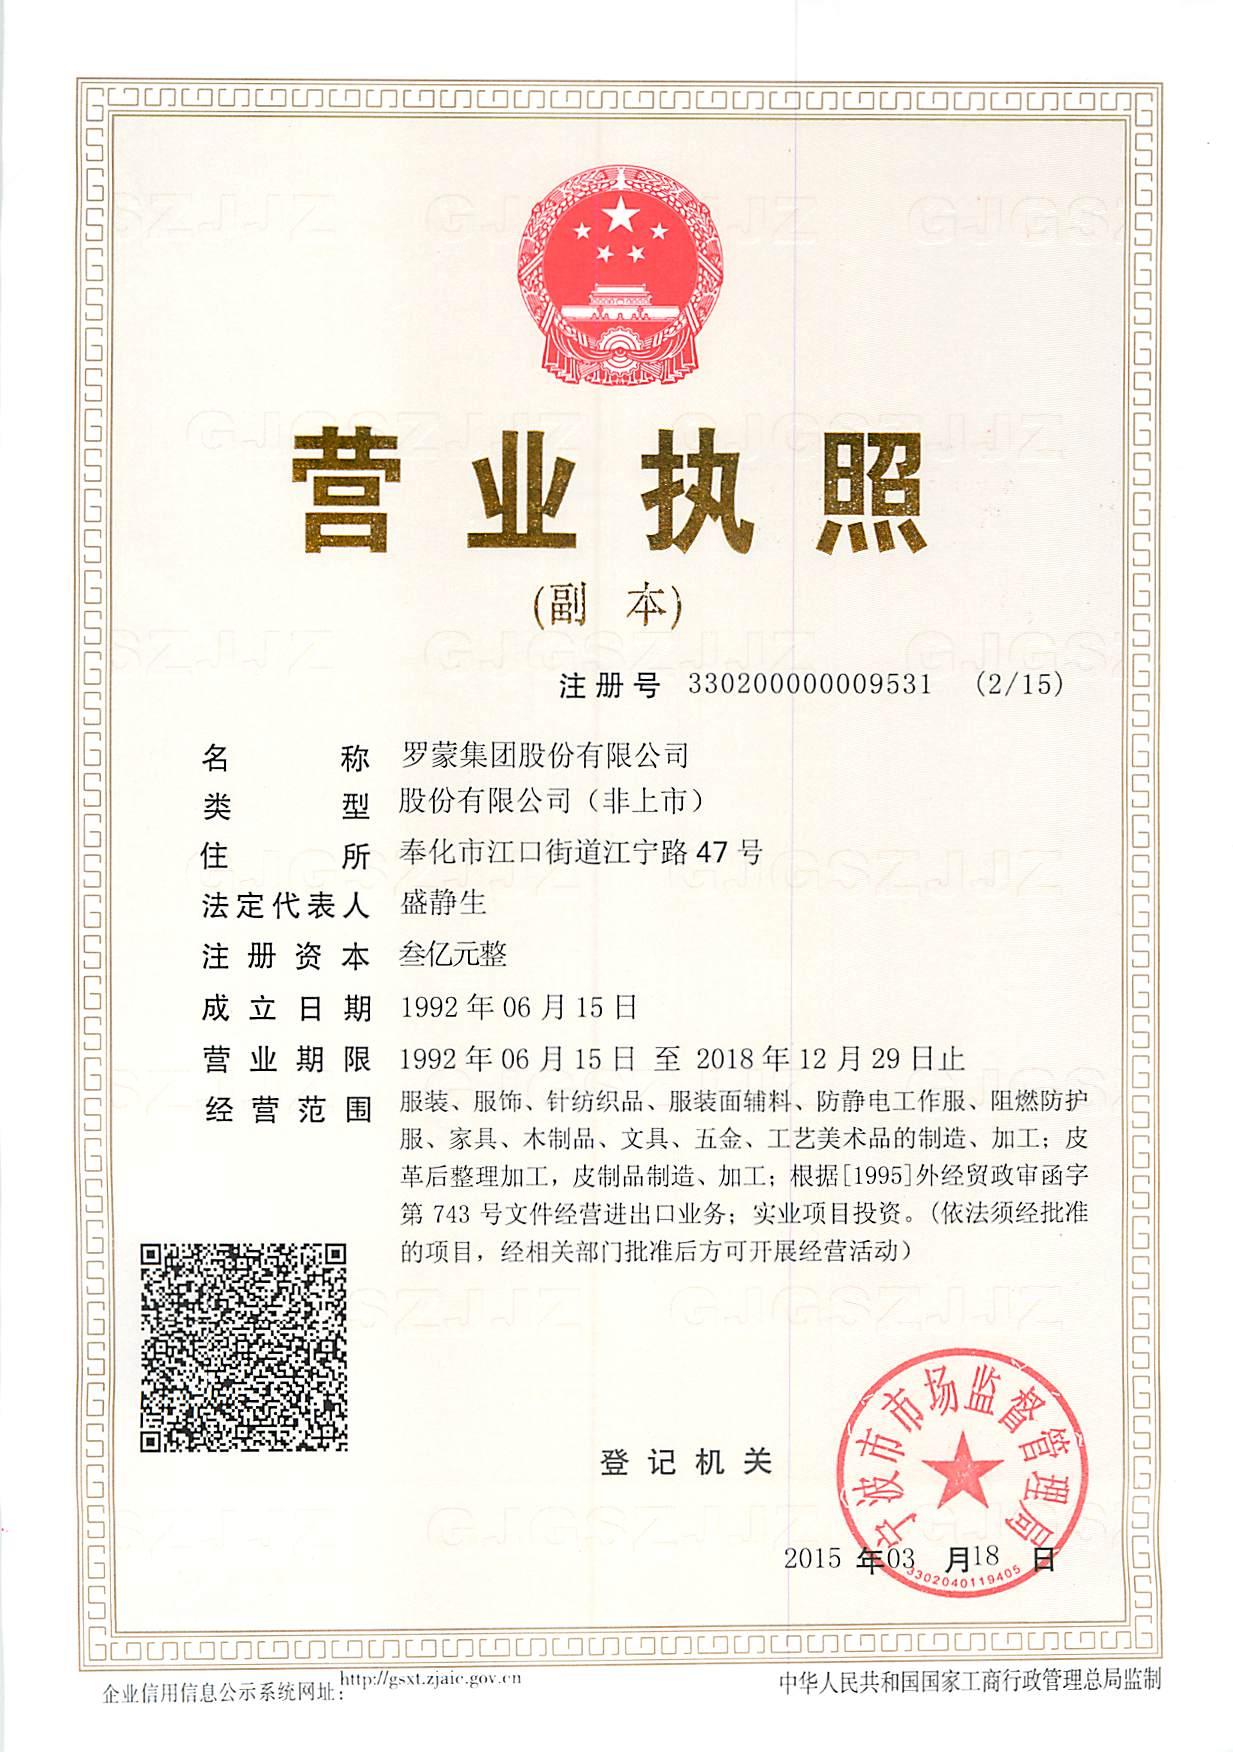 罗蒙集团股份有限公司企业档案